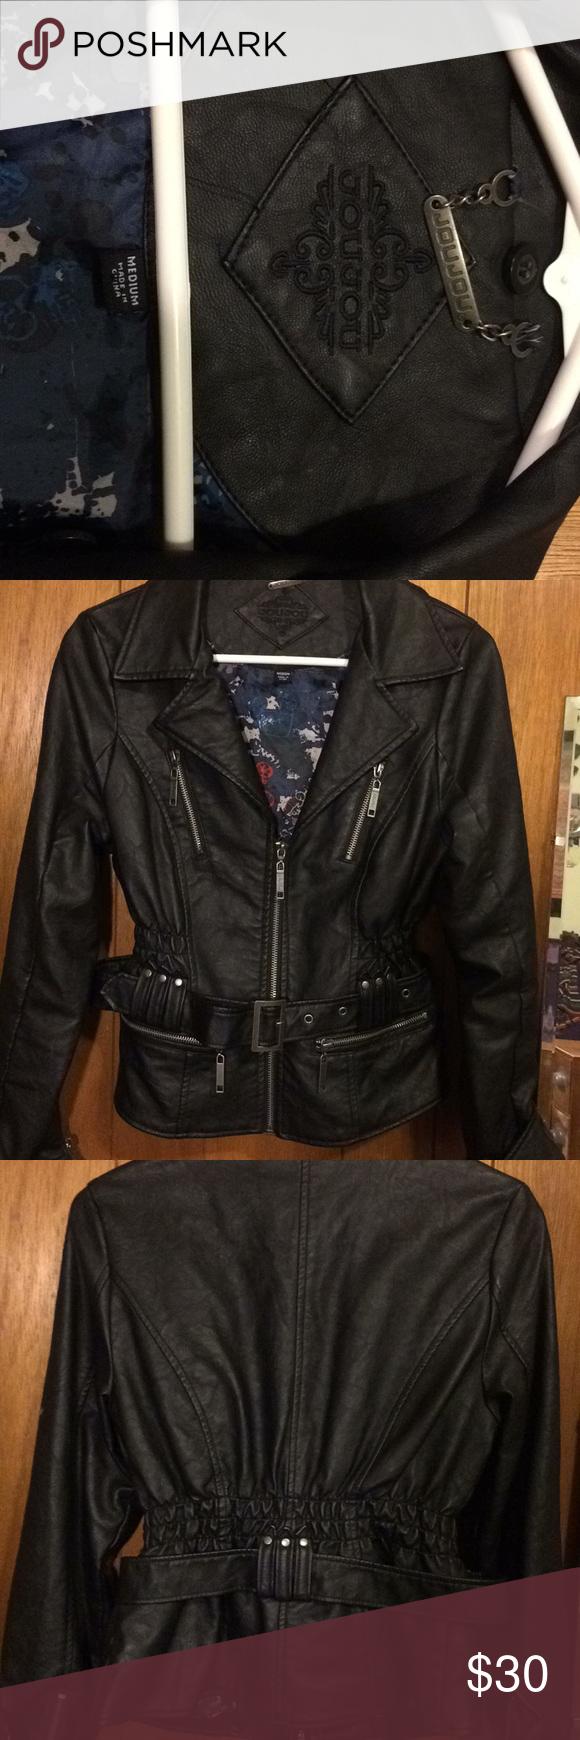 Black leather jacket Joujou size medium womens jacket